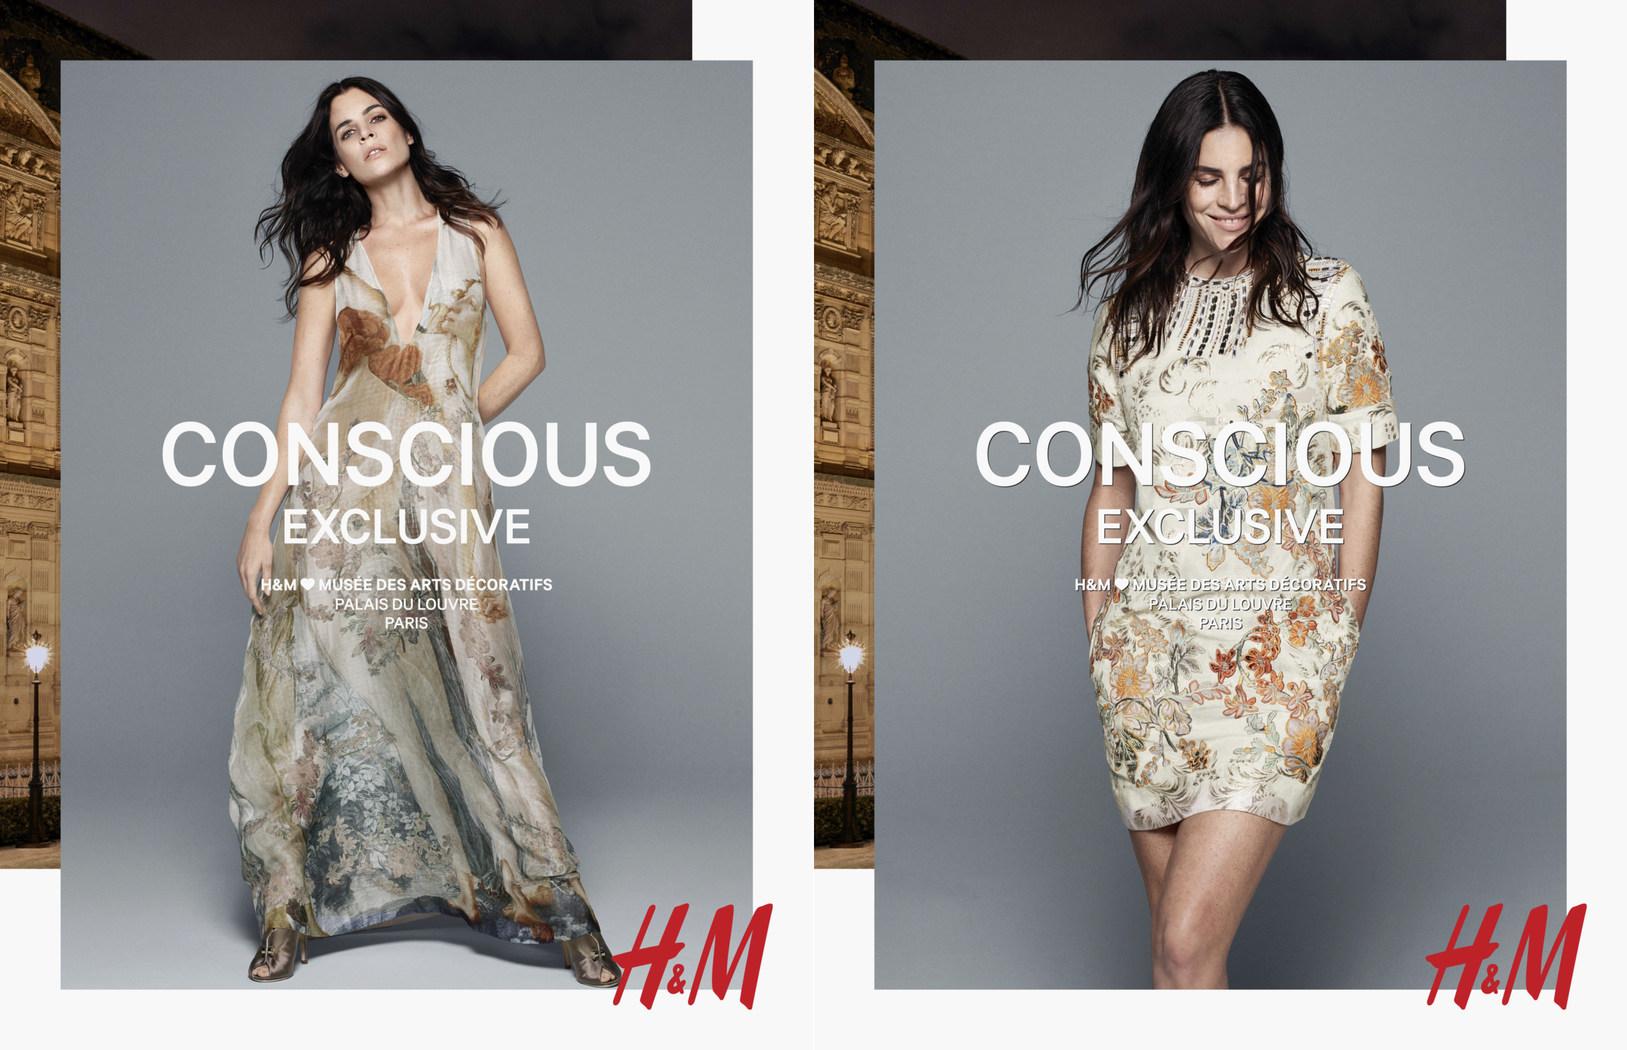 H&M CONSCIOUS MAR16 9.jpg